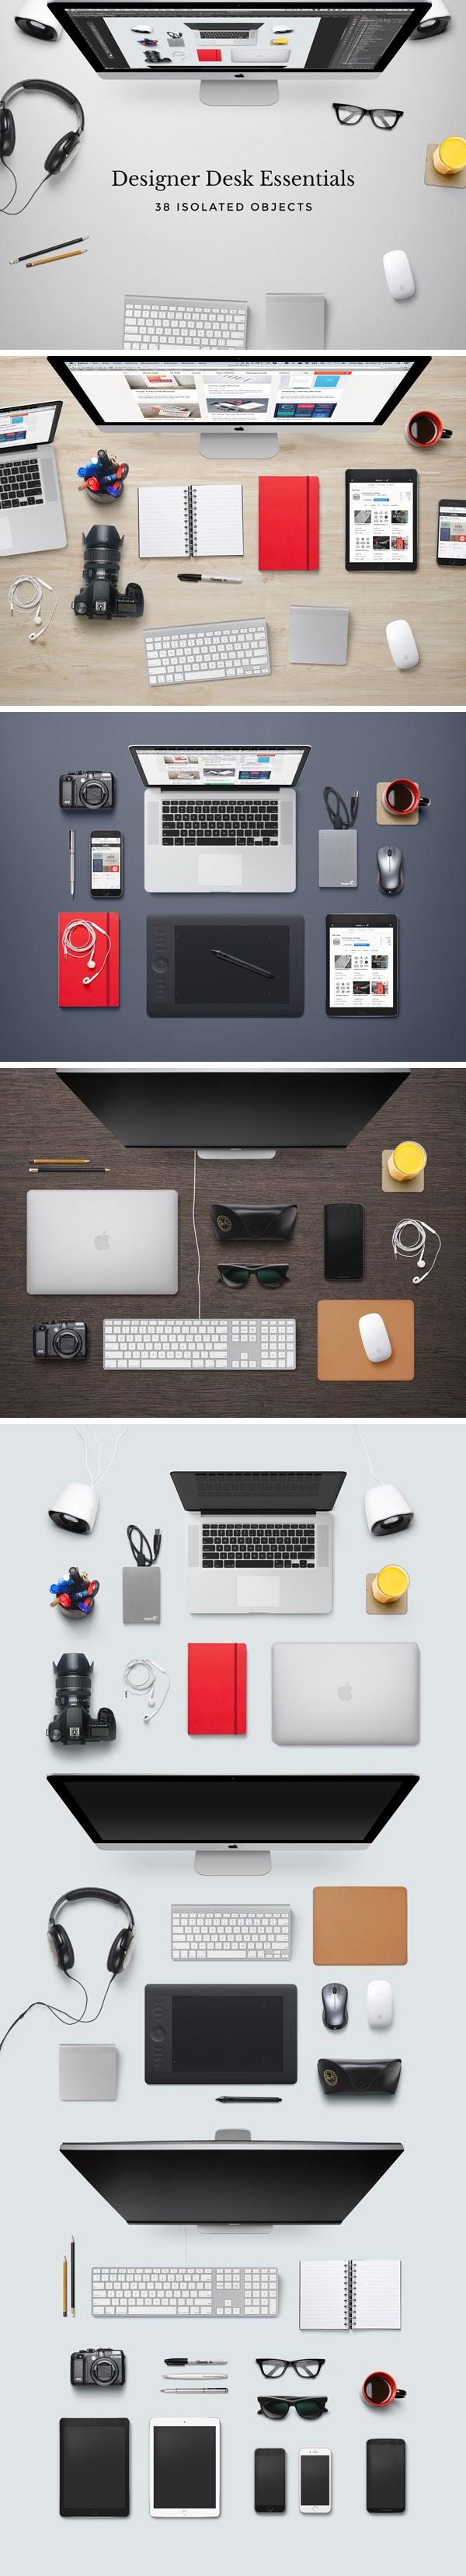 Designer Desk Essentials Mockup